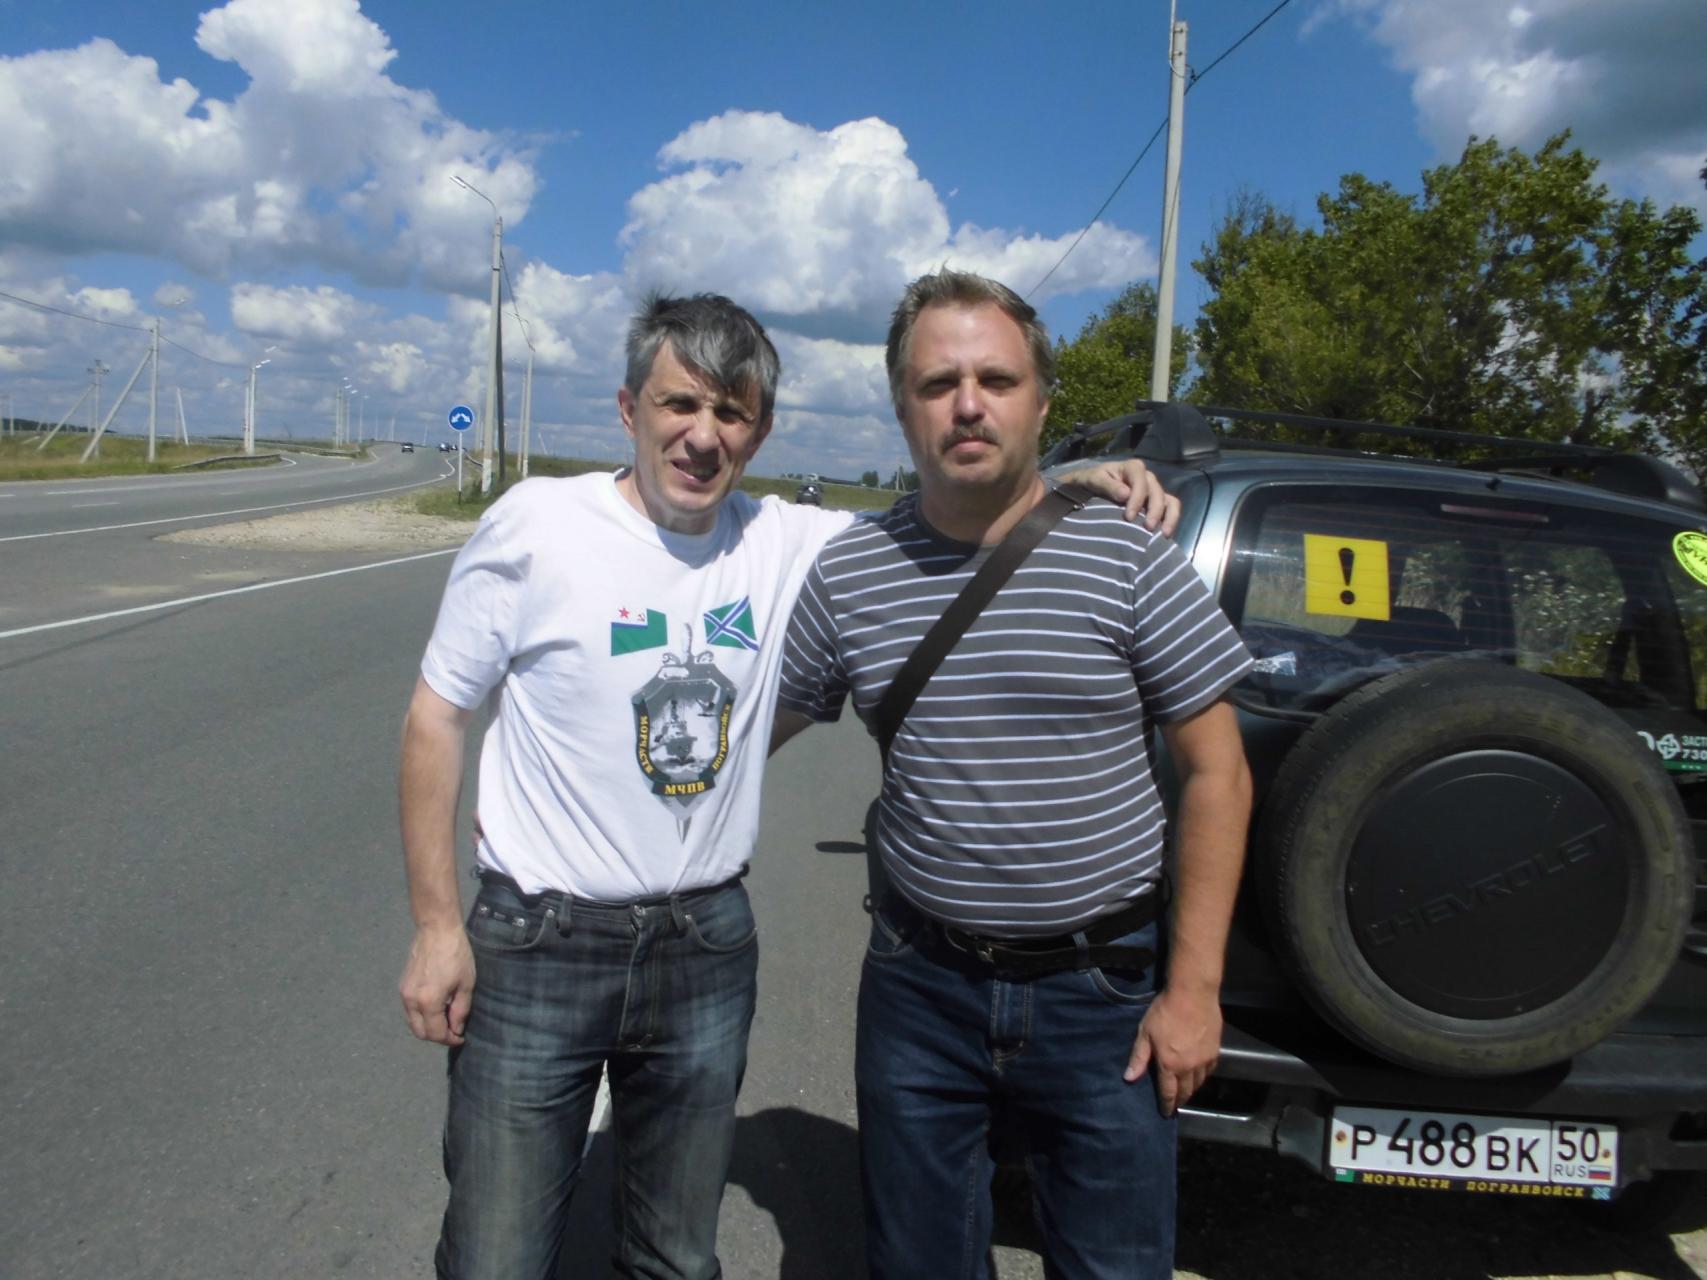 Встреча моряков-пограничников на Муромской дороге